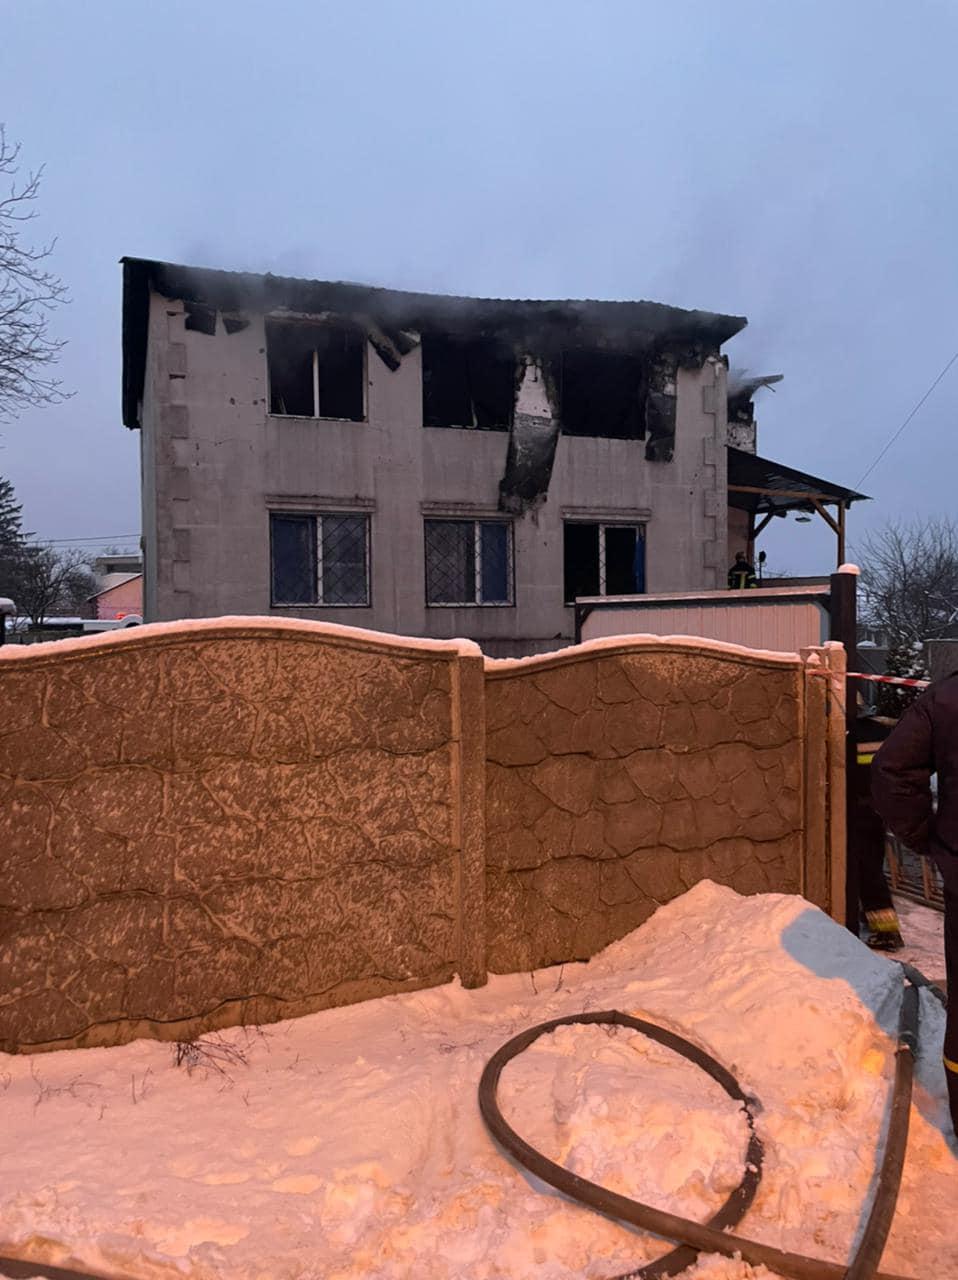 Масштабна пожежа у Харкові: назвали вірогідні причини загоряння - смерть, пожежа, масштабна пожежа, літні люди, загиблі - 141472965 214438120318505 7352379849402452399 o